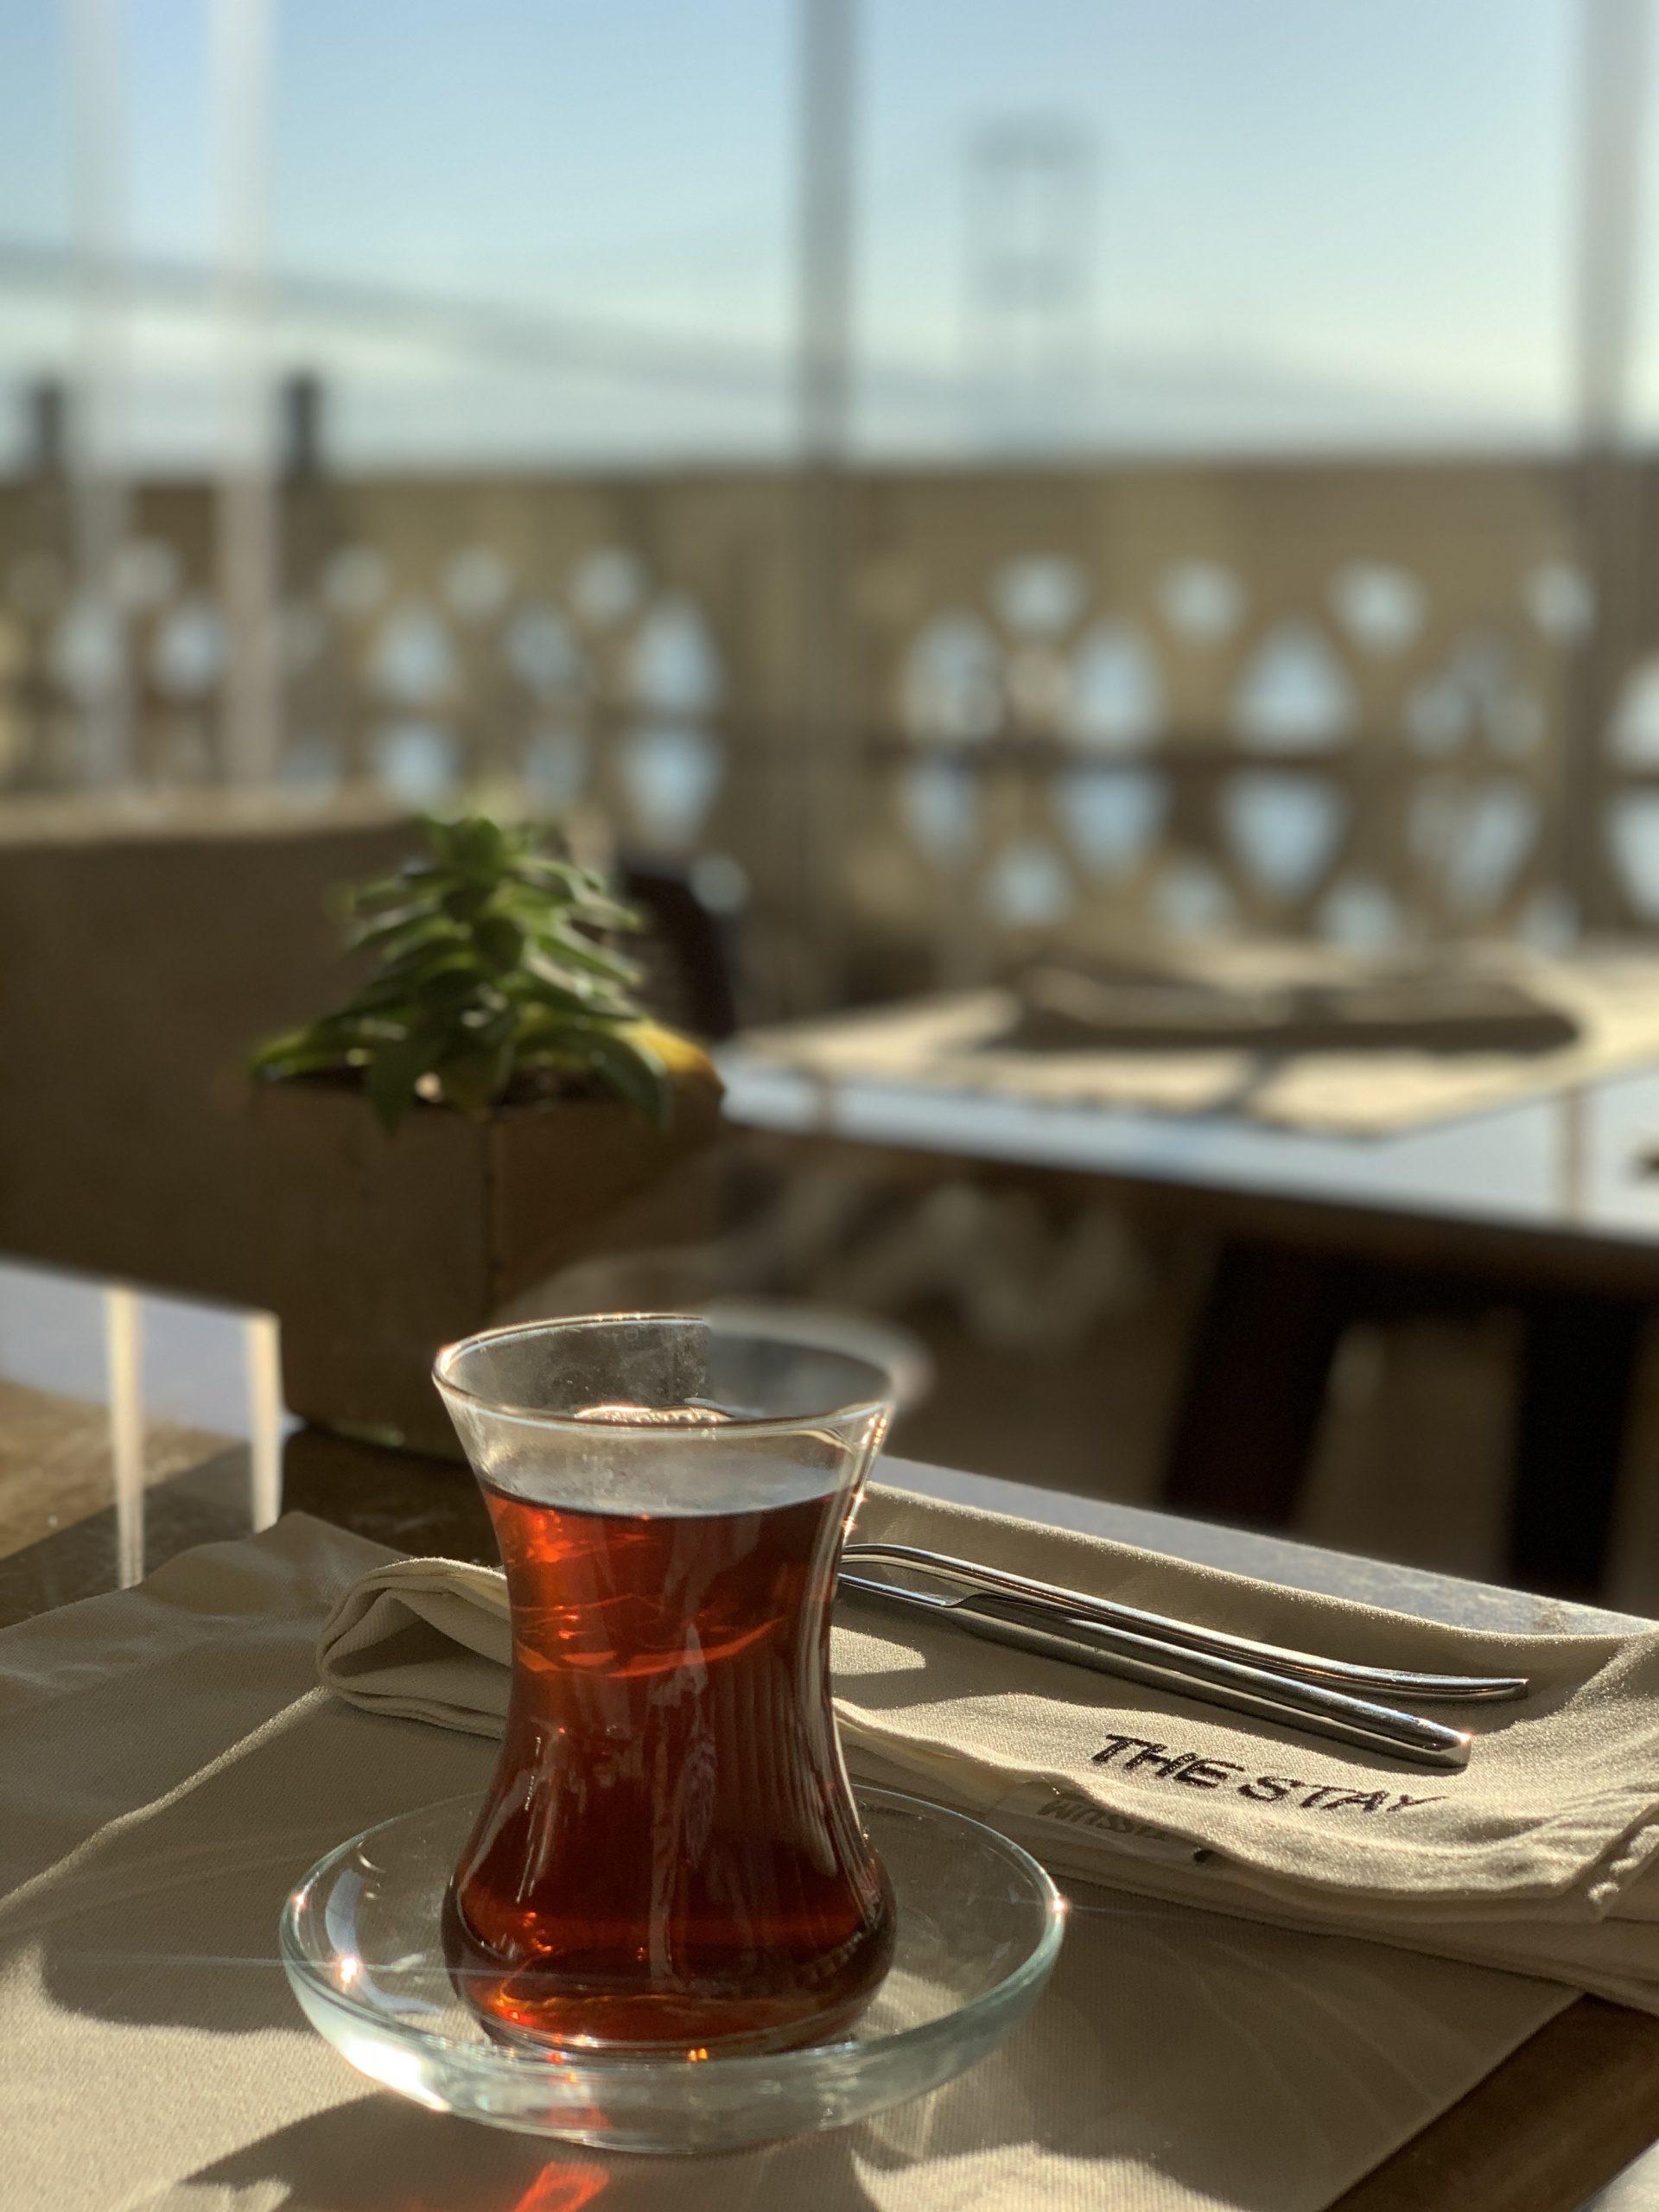 7 Tipps für deinen nächsten Istanbul-Trip: Aussicht aus der Restaurant-Lounge des The Stay Bosphorus Hotel